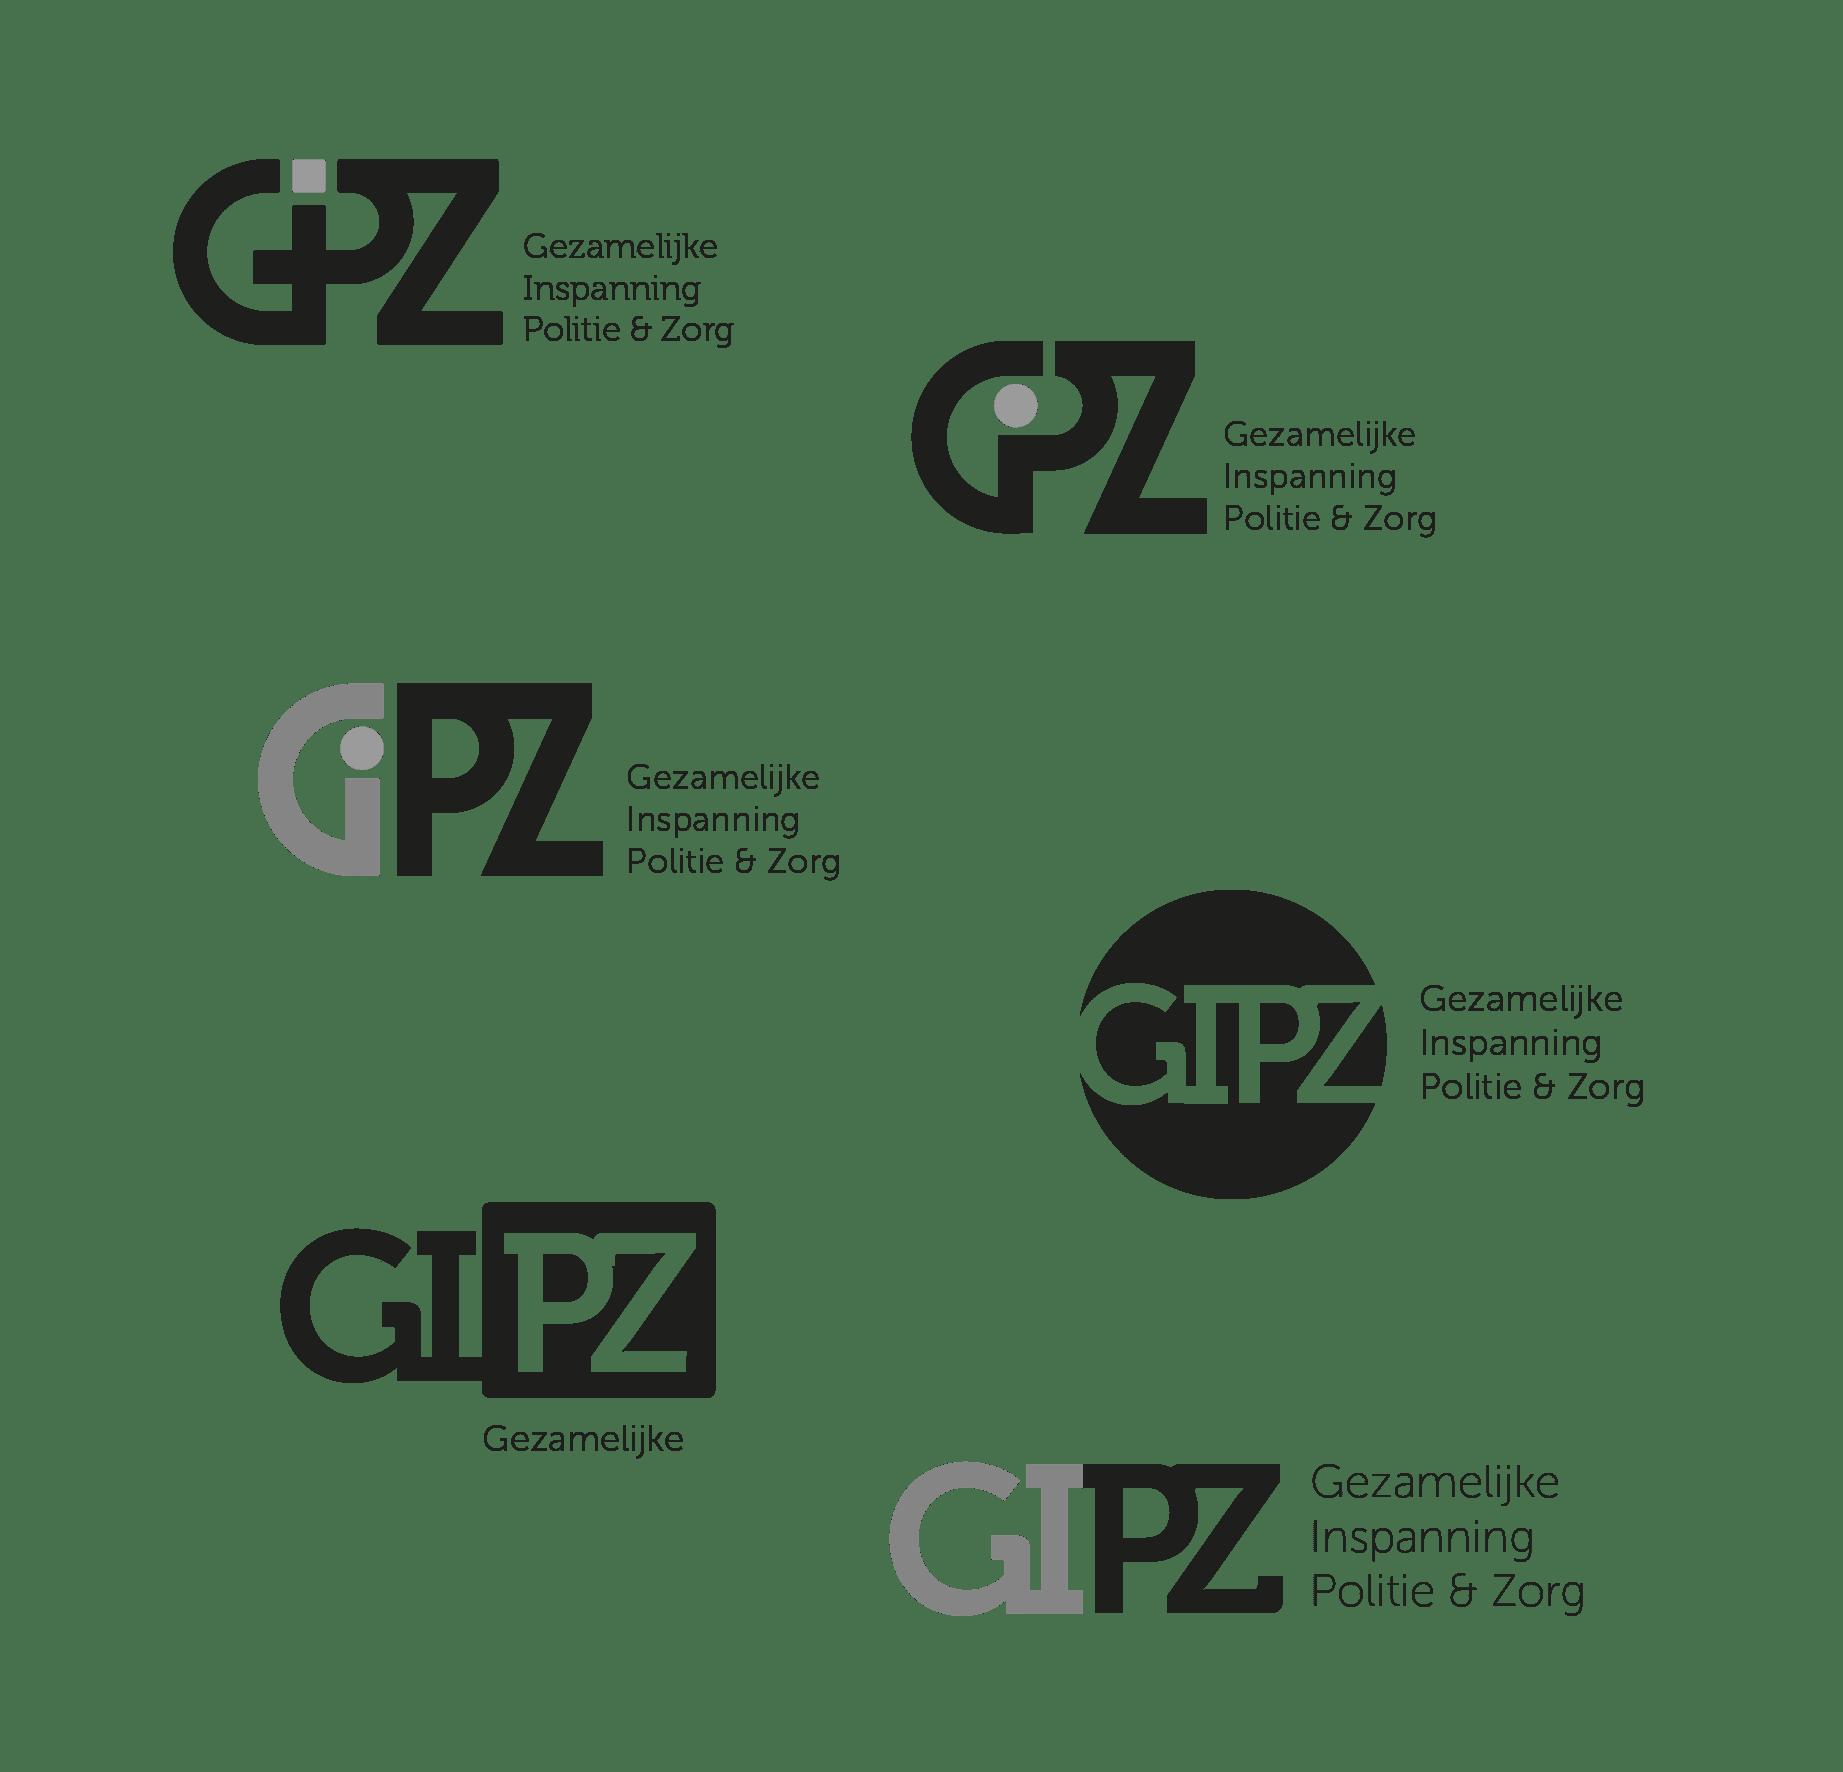 Schets logo GIPZ - studiosnh Grafisch Ontwerp